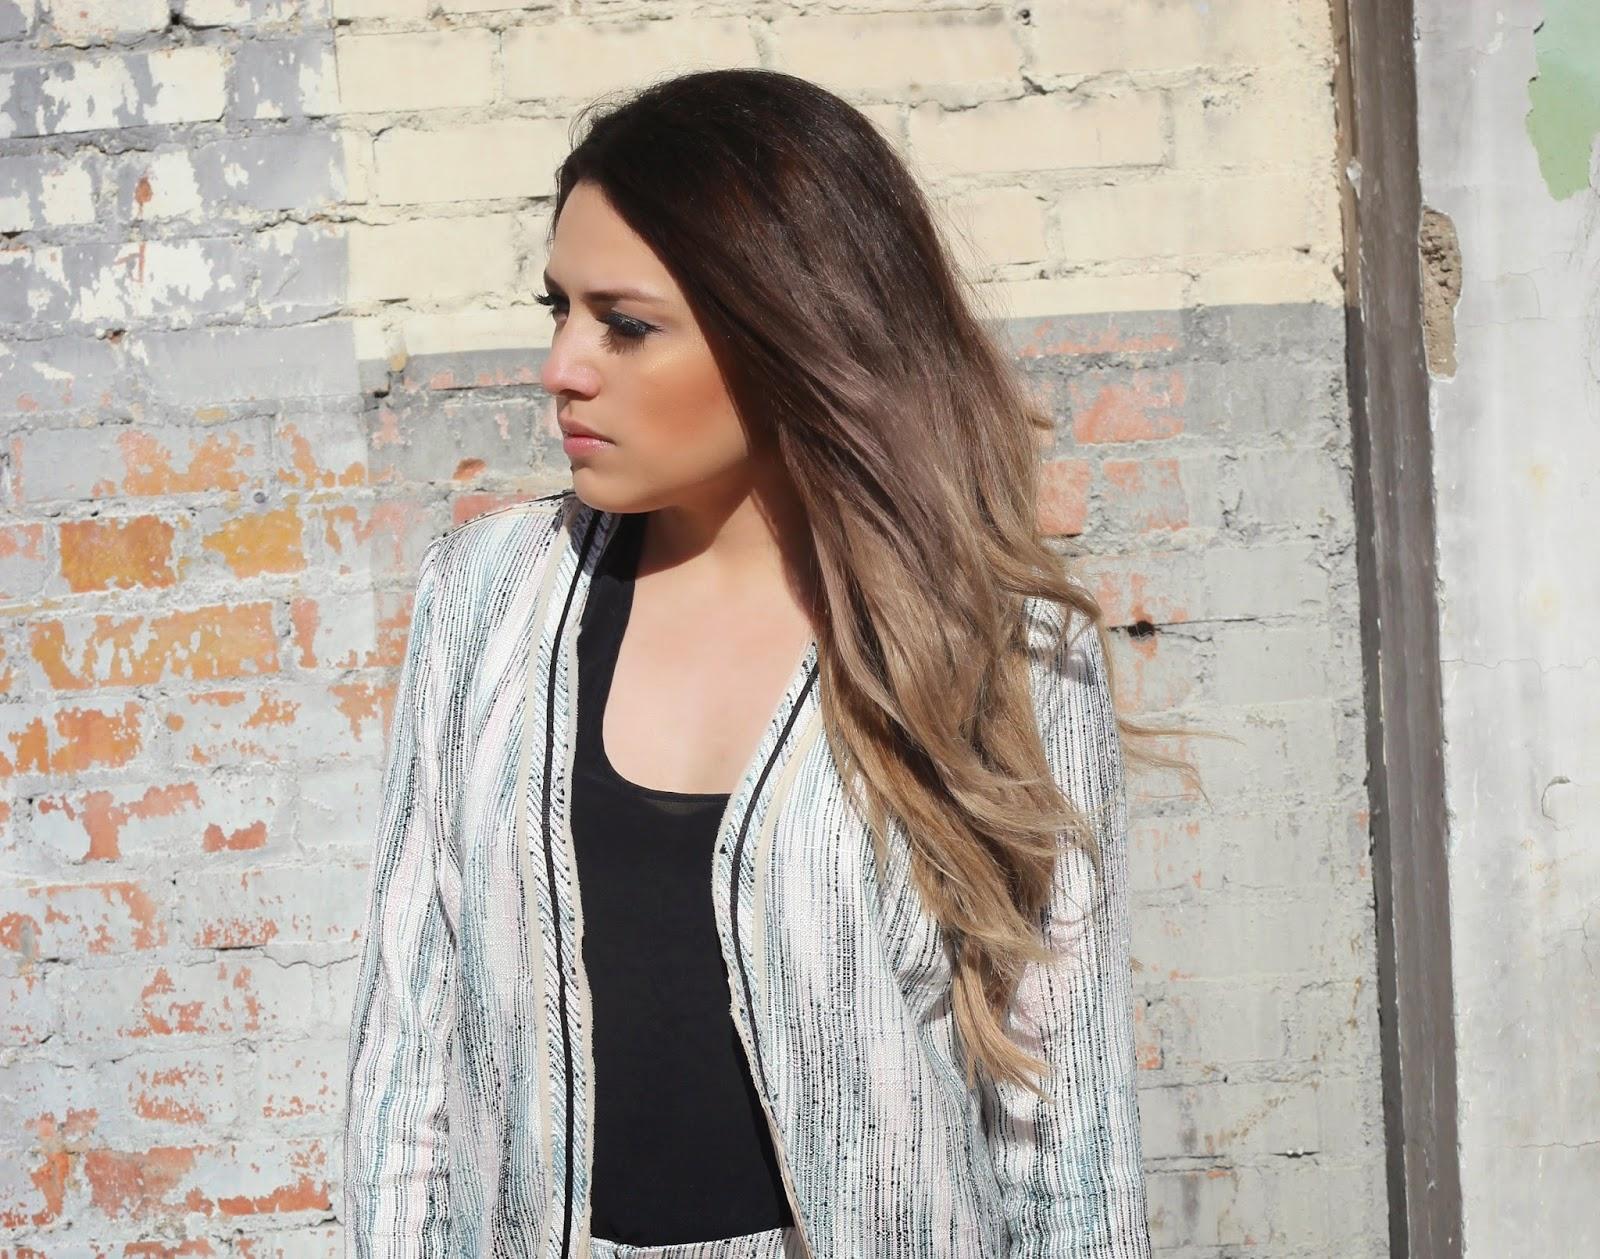 Shorts Suit Hk Ombre Hair Extensions Review Ashley Meza Dallas